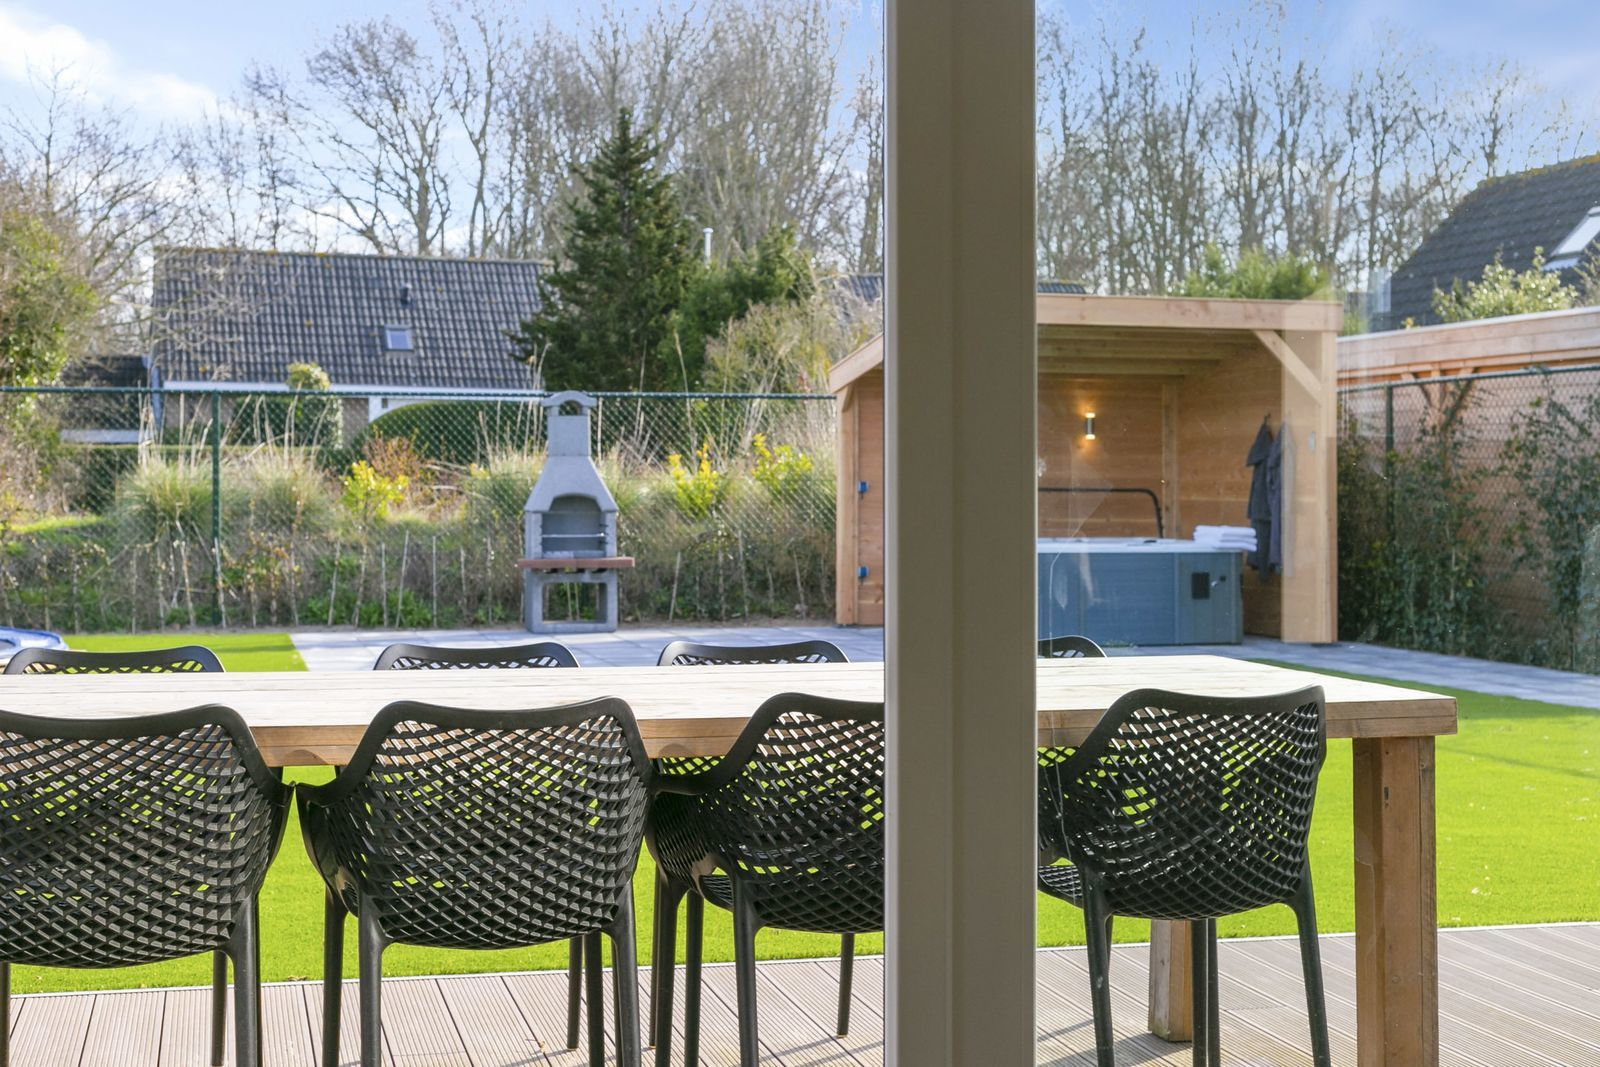 Oude Nieuwlandseweg Vakantie villa Hopper (B achterzijde) (10 personen) - Ouddorp